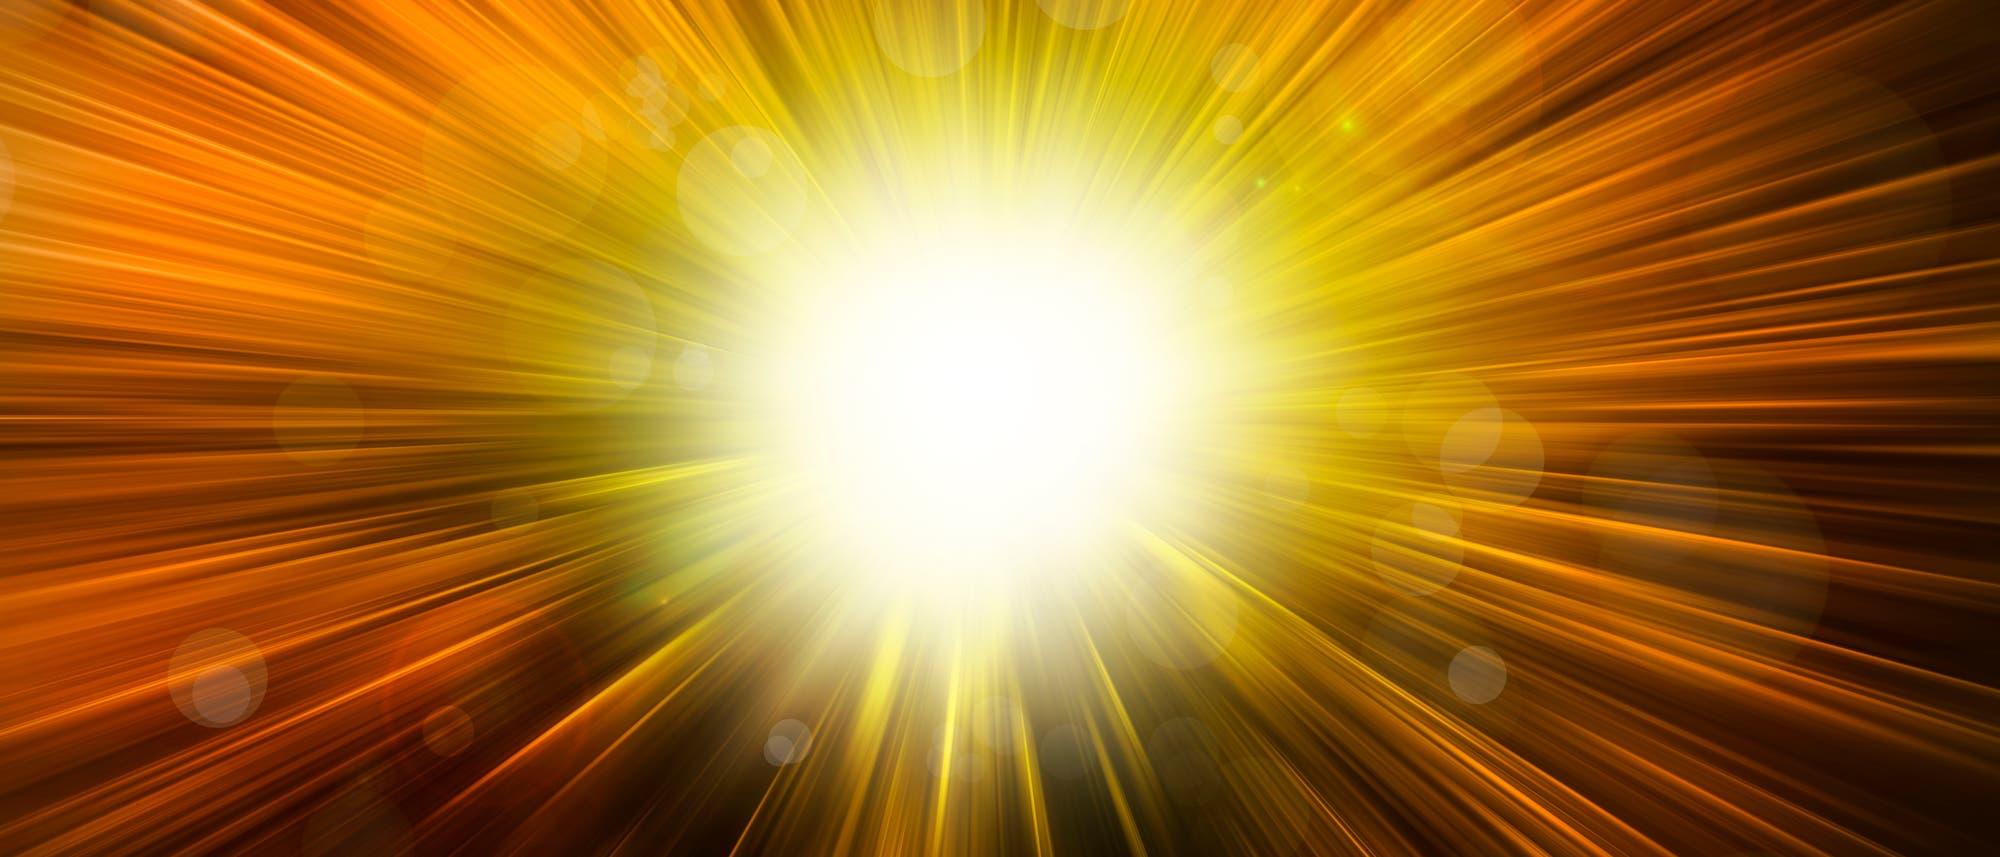 Mit dem Urknall - auch Big Bang genannt - begann die Geschichte des Weltraums